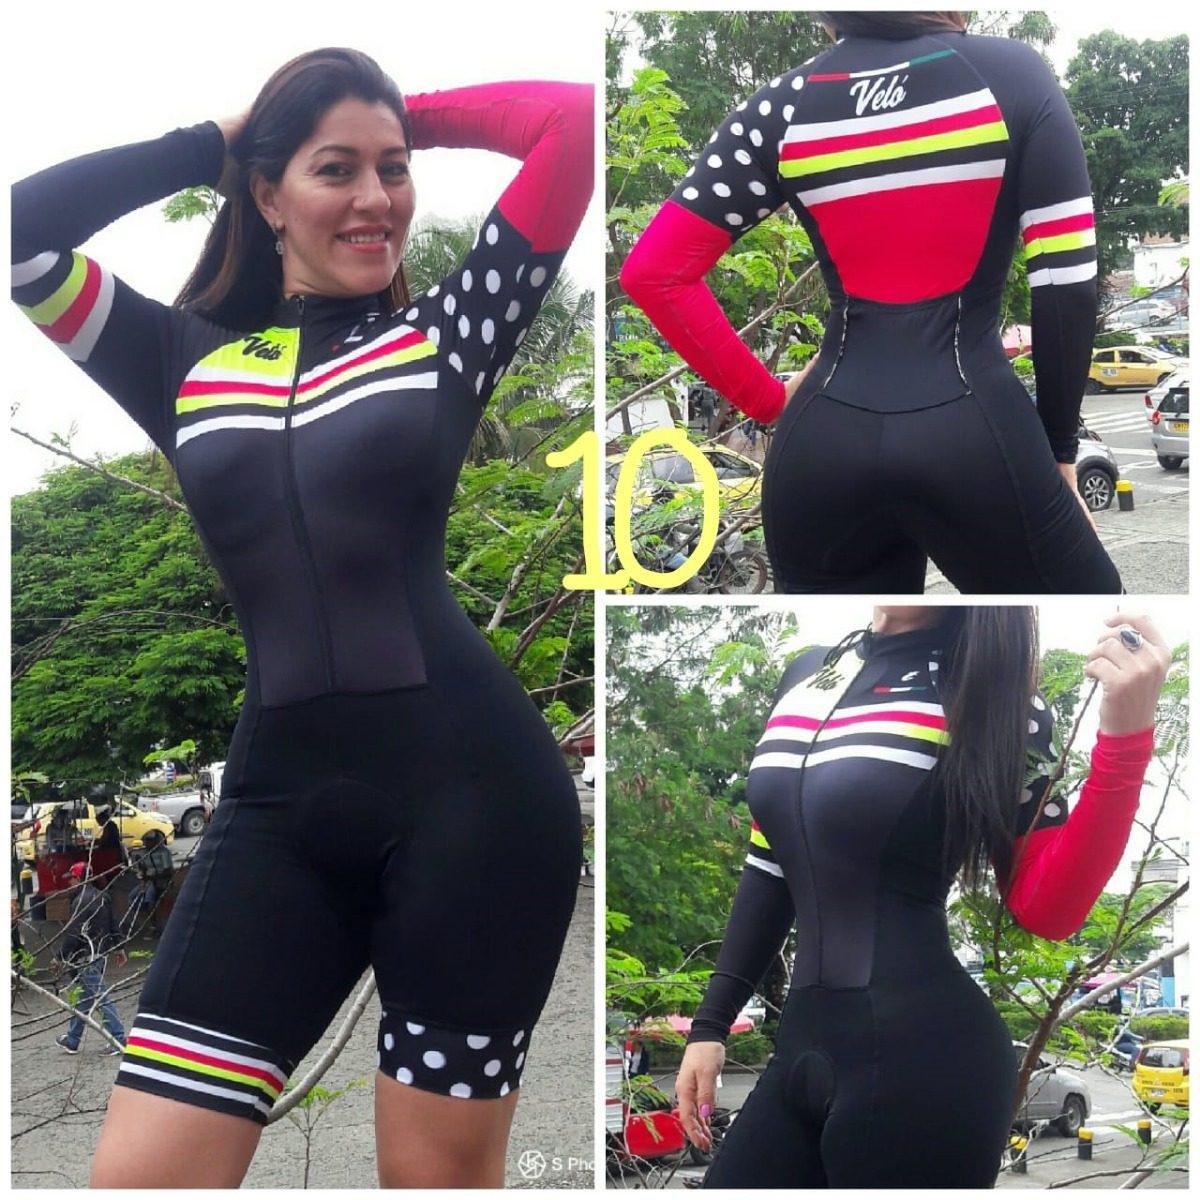 Uniforme Enterizo Ciclismo Mujer Badana 3d -   169.000 en Mercado Libre 5cbe7aca1e6d2